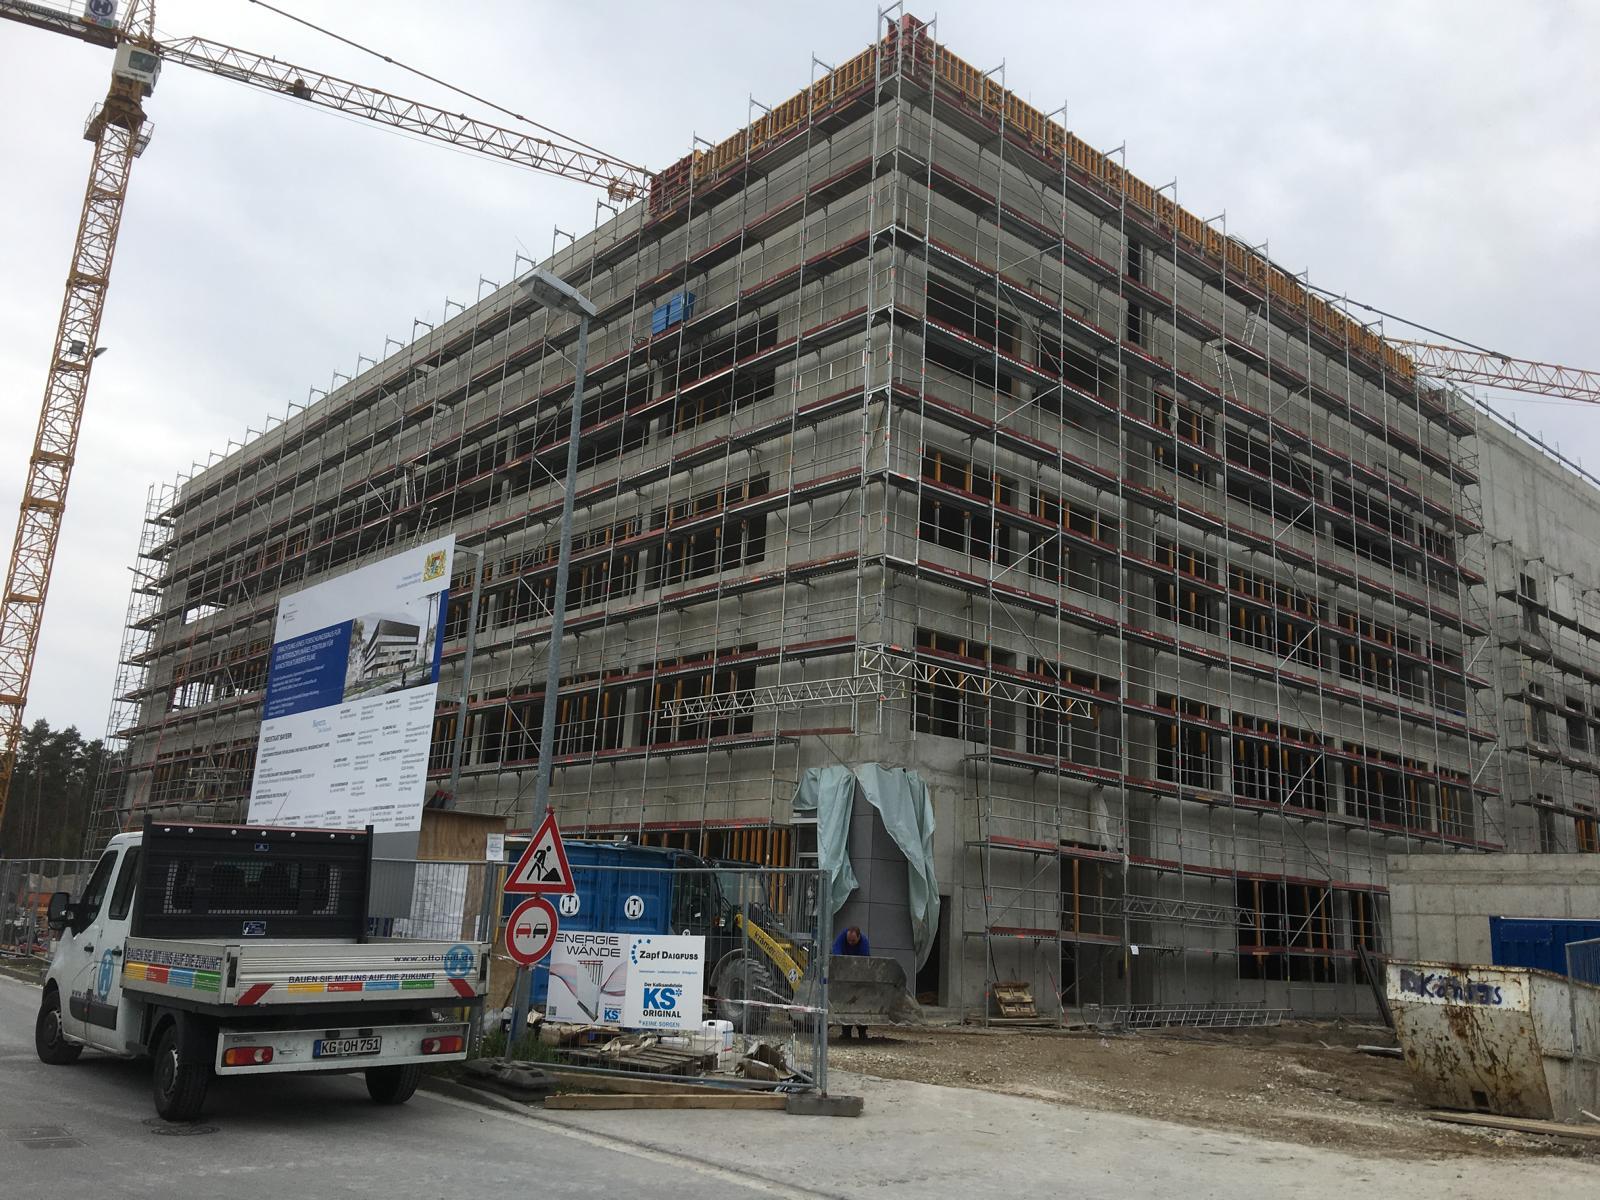 Qualitätsüberwachung in Bezug auf den Estrich bei einem staatlichen Projekt in Erlangen